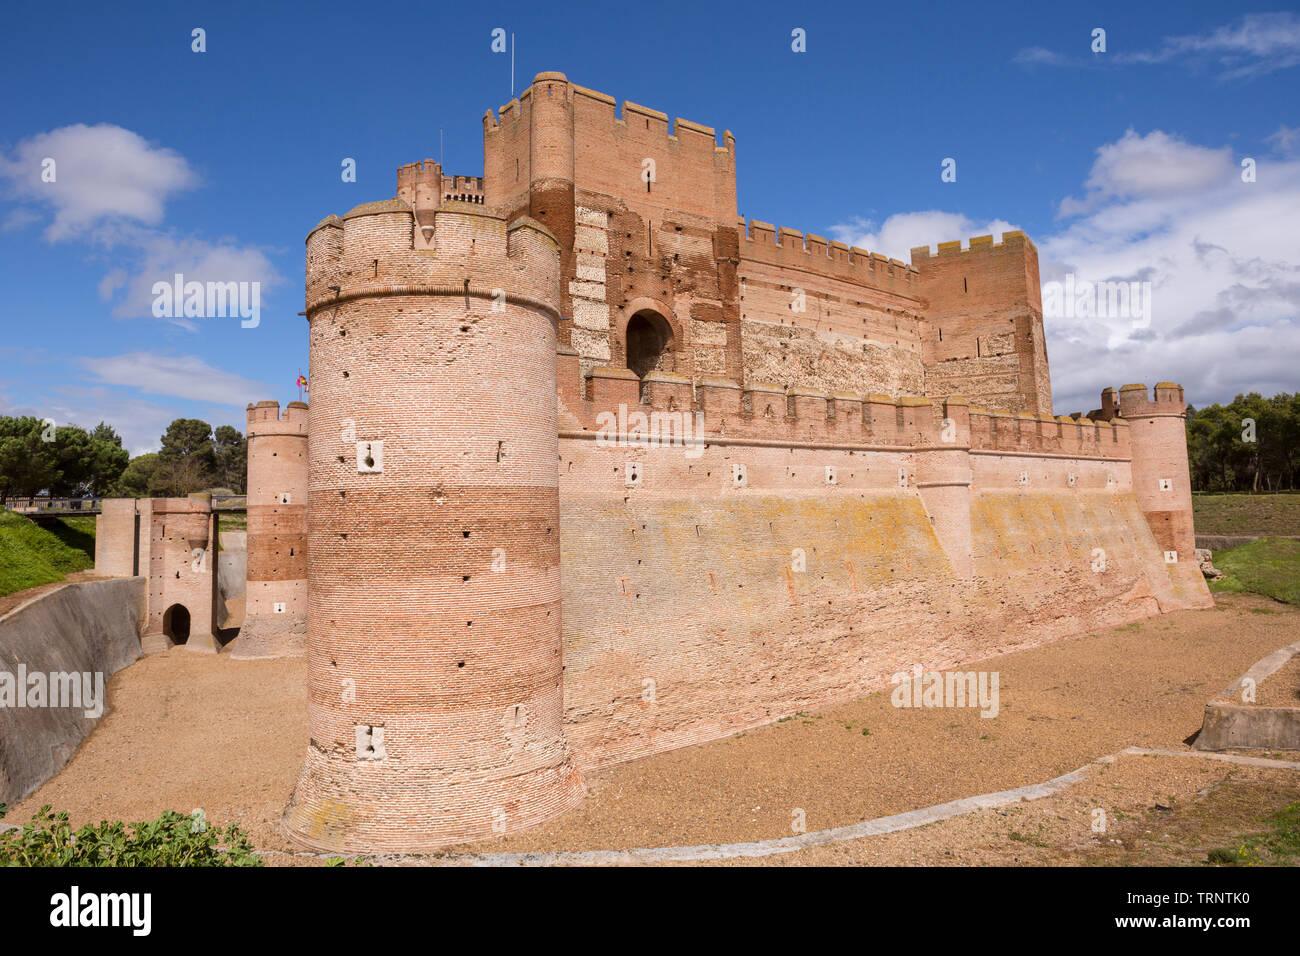 Castillo de la Mota, the Castle of Medina del Campo, in Valladolid, Leon. Spain - Stock Image